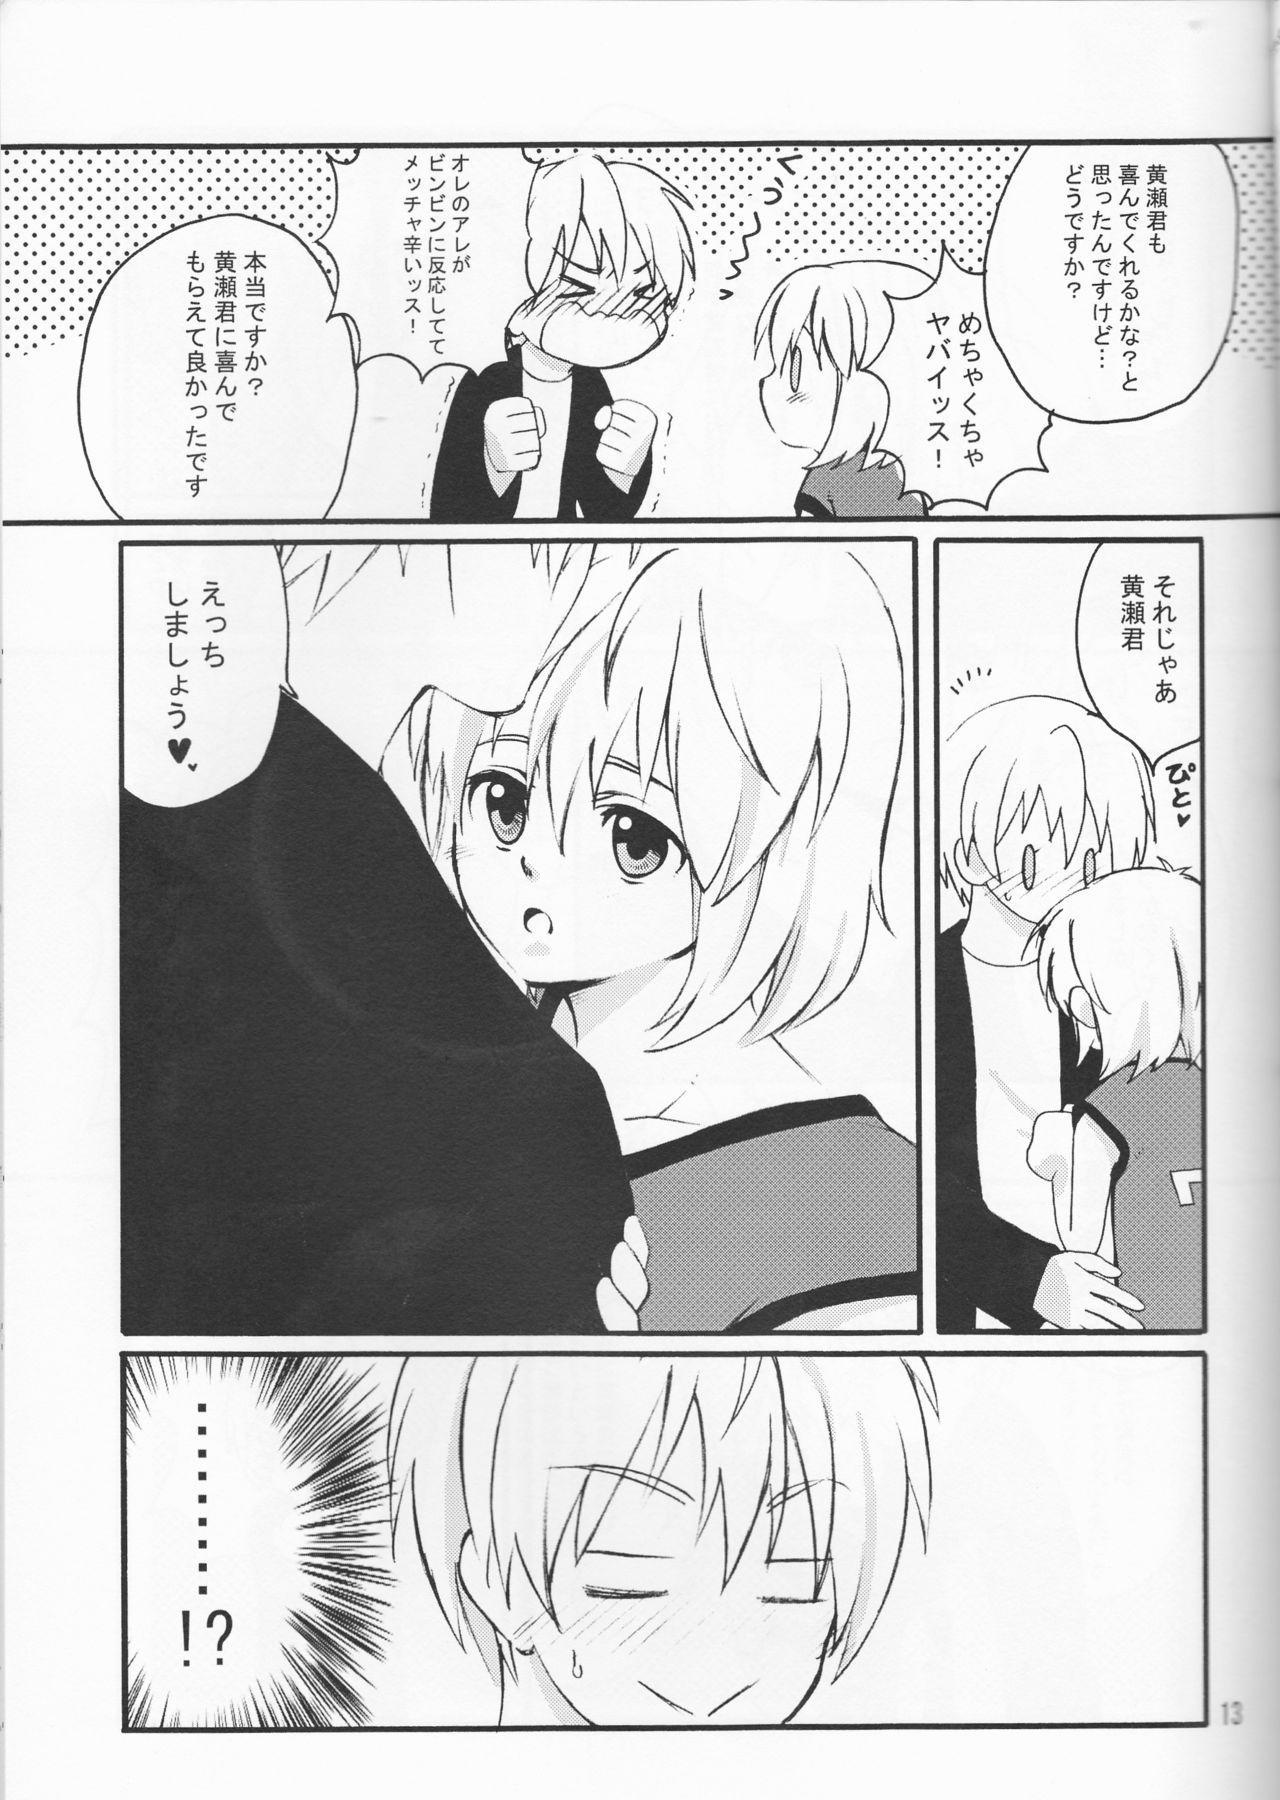 Ore no Kurokocchi ga Onnanoko ni Nacchattassu! 12